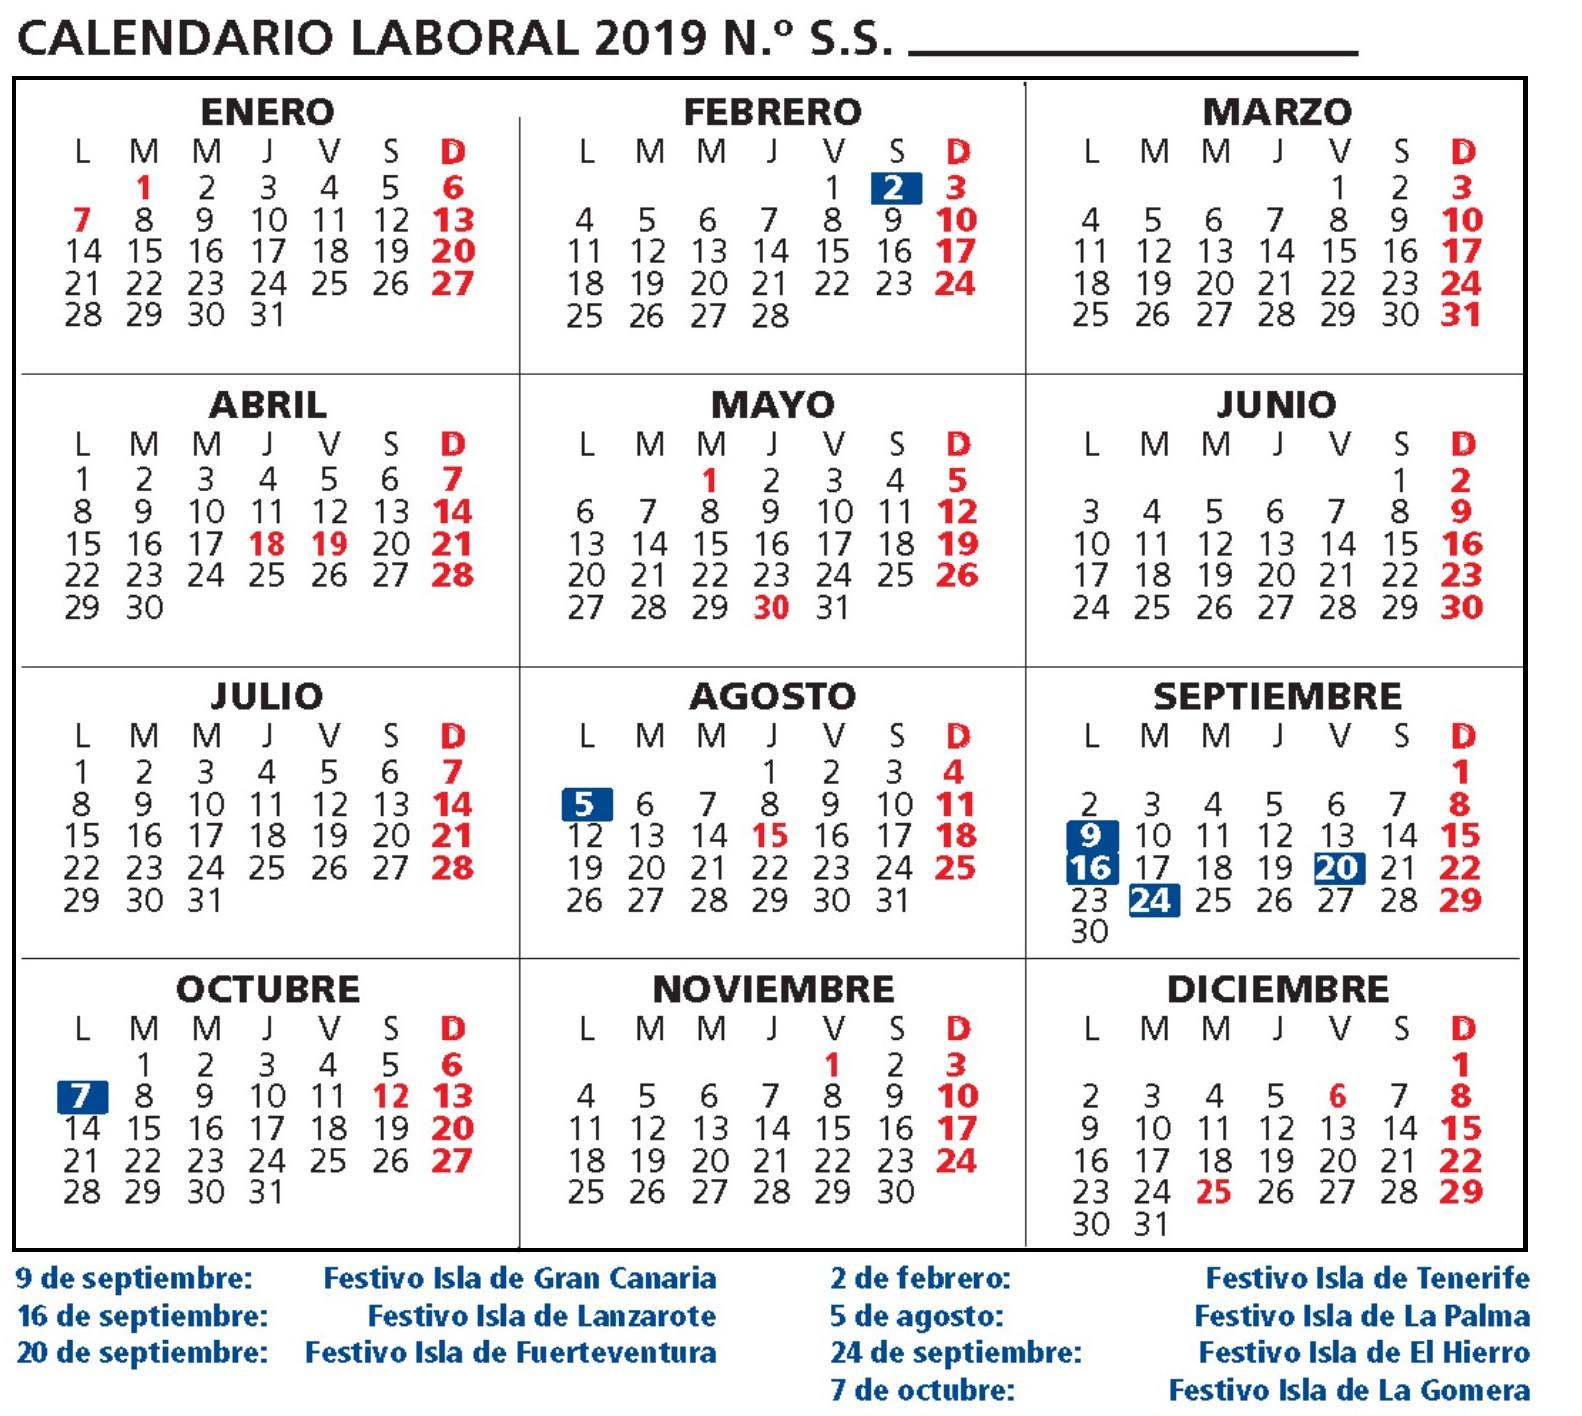 Calendario Laboral 2020 Canarias.Calendario Laboral Provincia Gran Canaria 2019 Canariasdiario Com